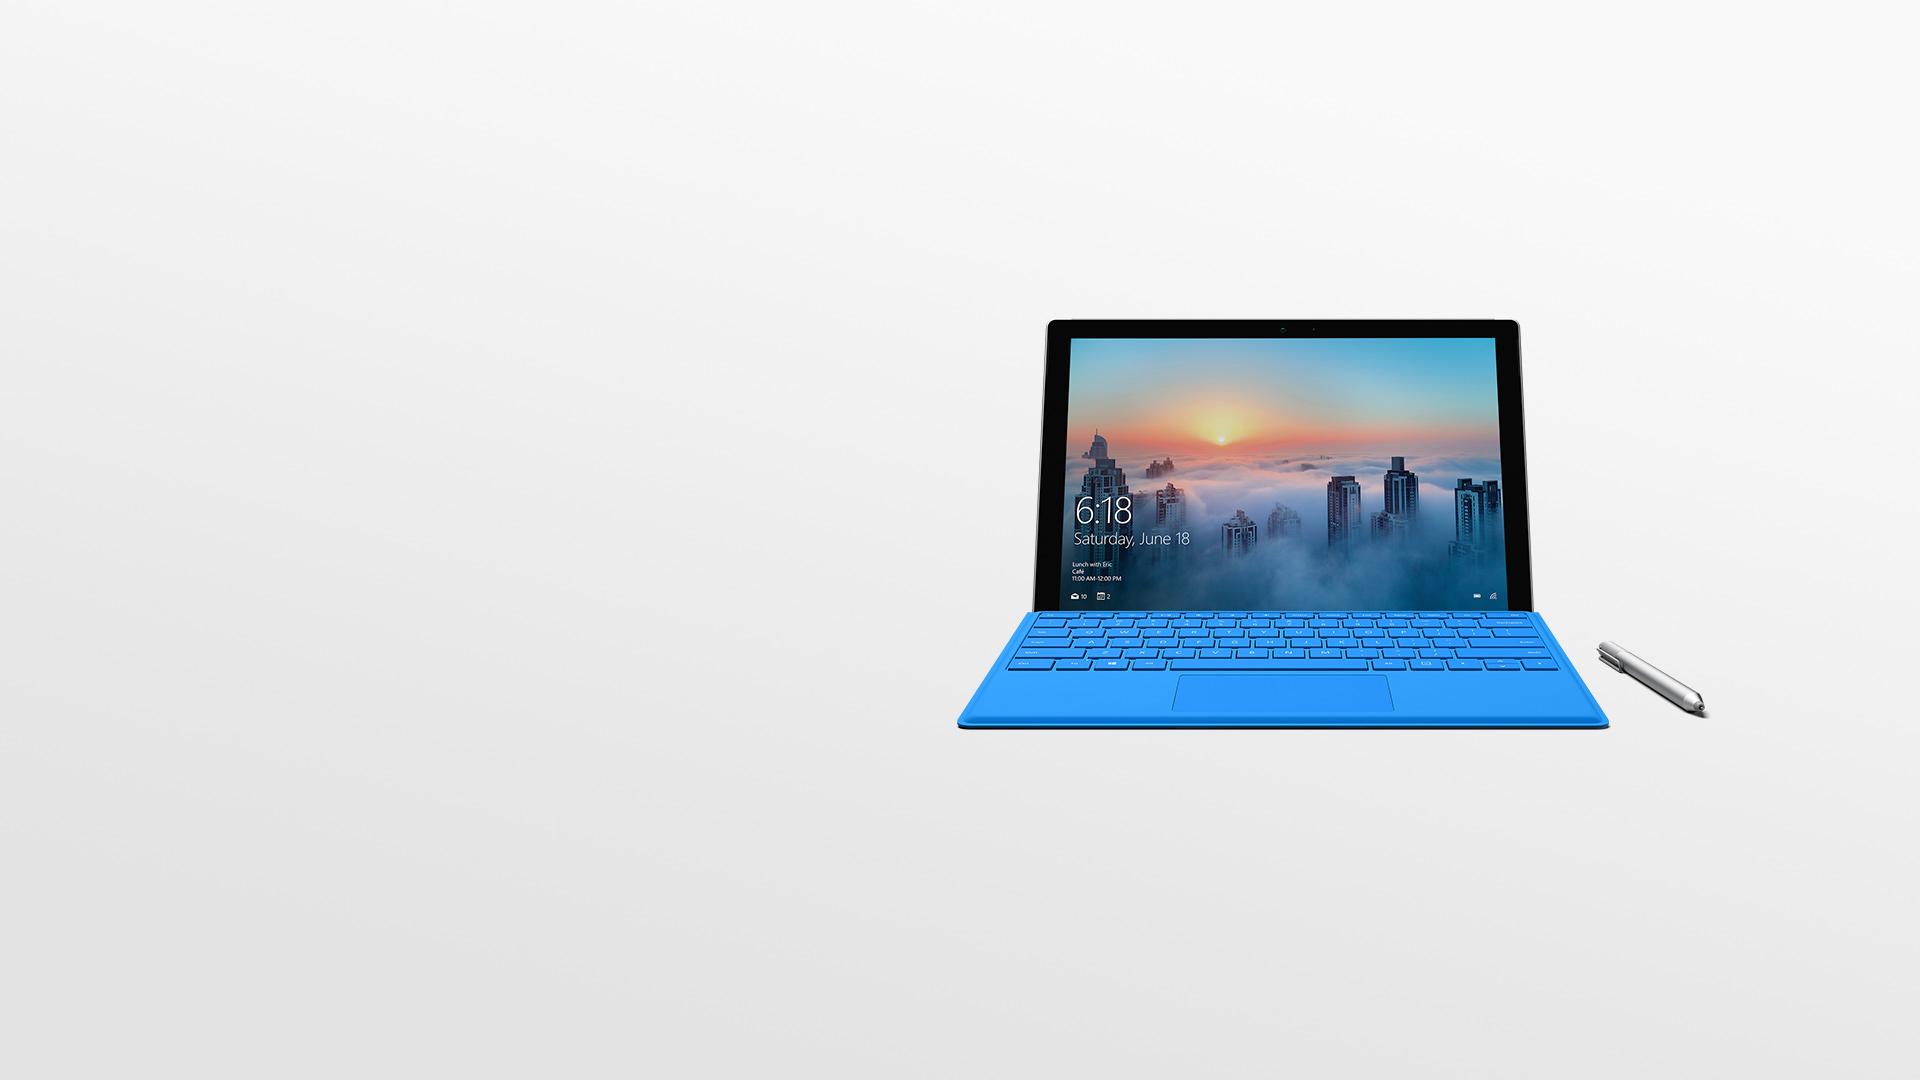 Urządzenie Surface Pro 4 z piórem Surface.